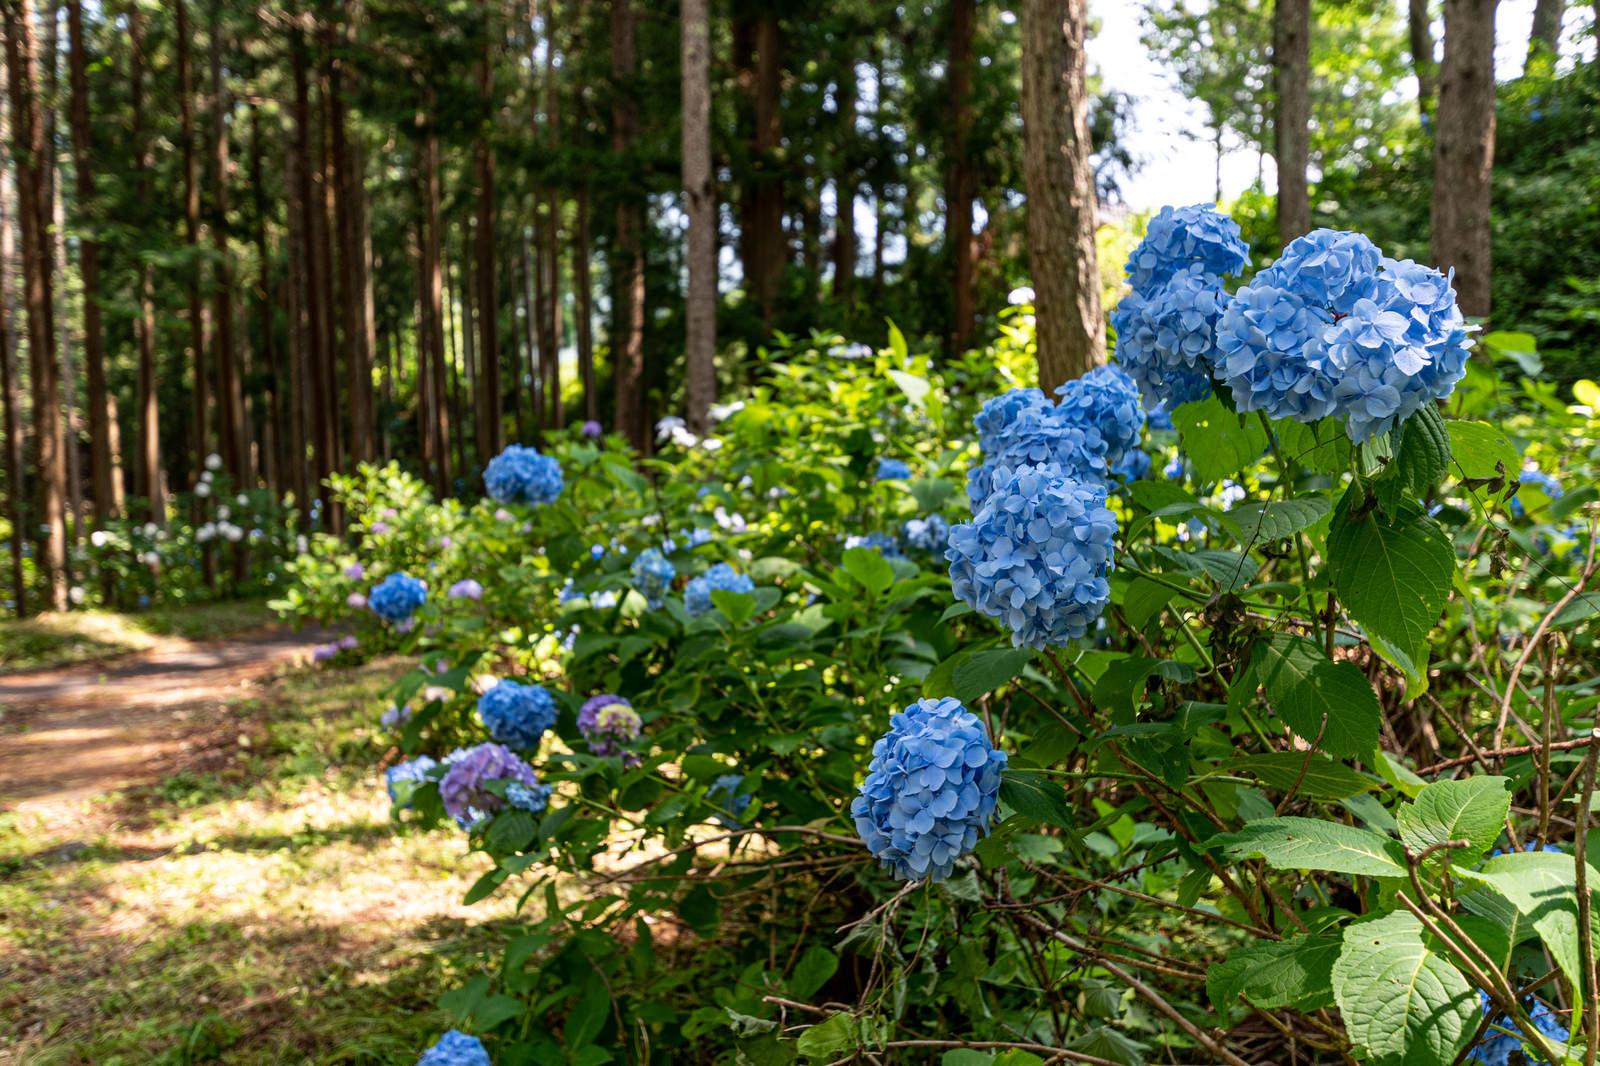 「森の小道に咲く紫陽花(アジサイ公園)」の写真